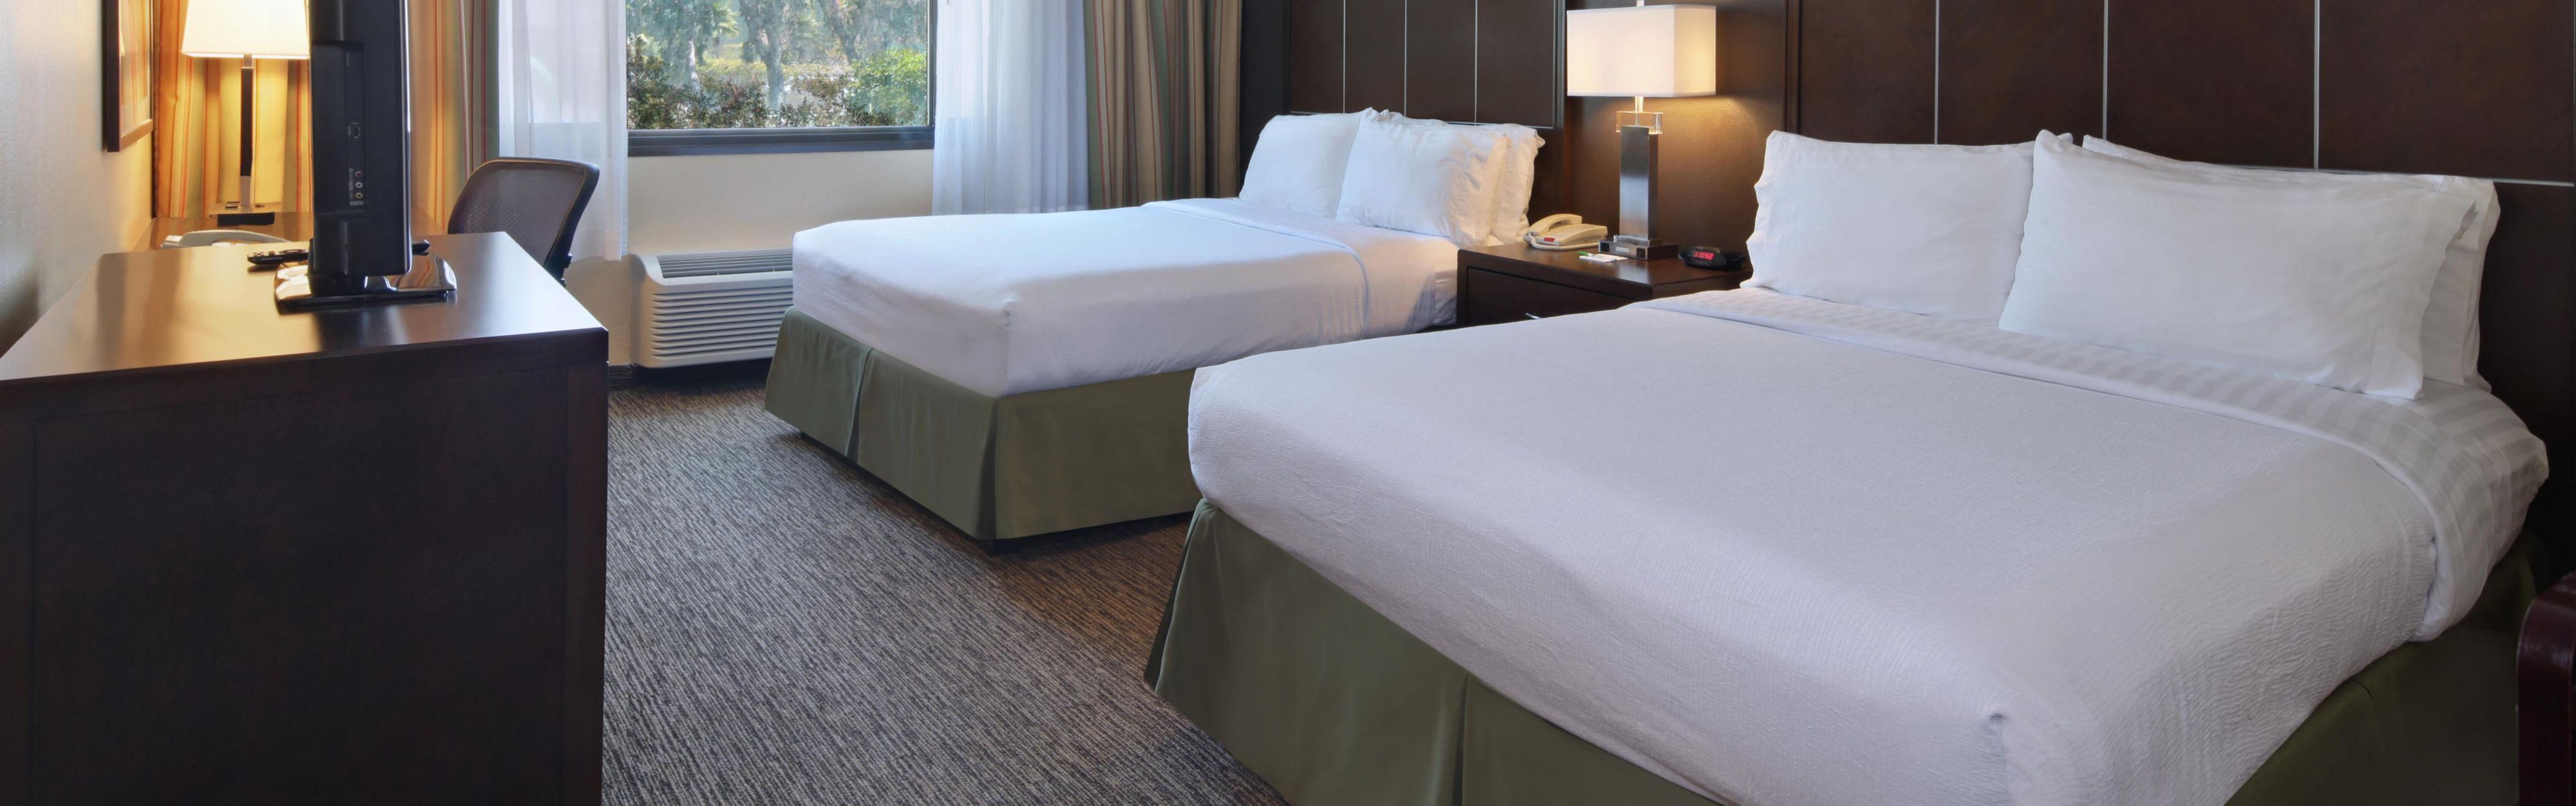 Holiday Inn Amp Suites Anaheim 1 Blk Disneyland 174 Anaheim